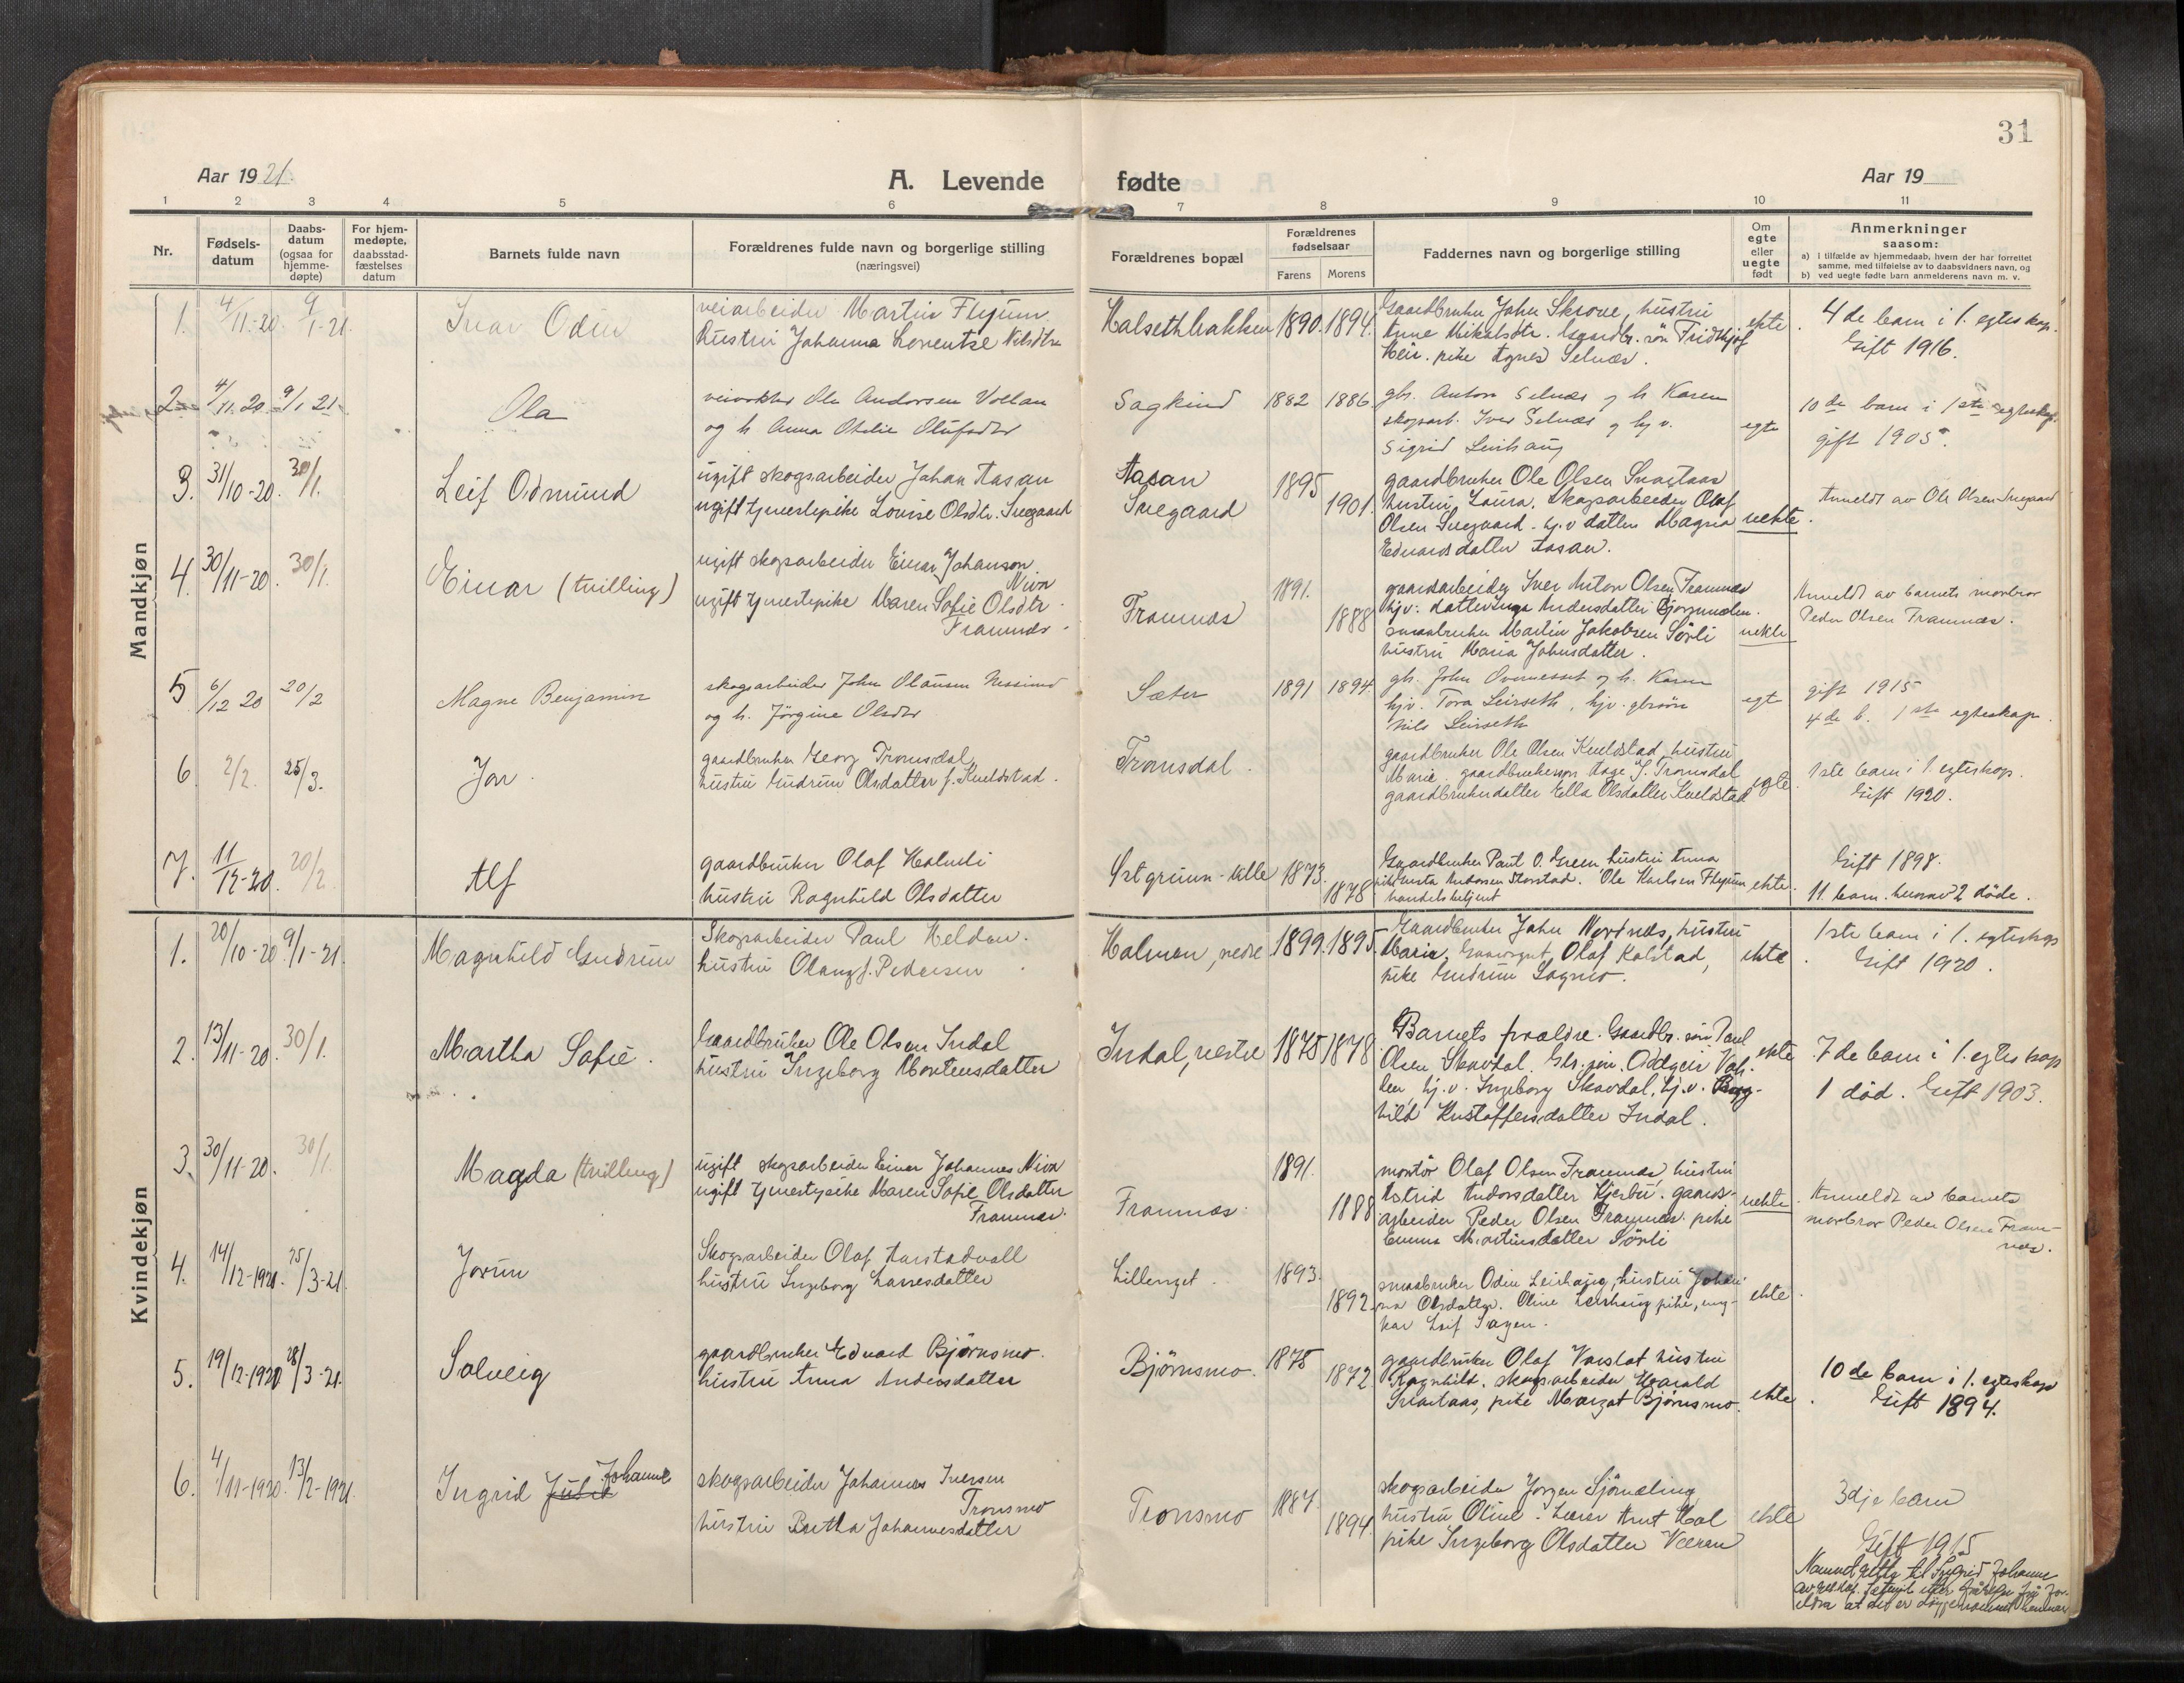 SAT, Verdal sokneprestkontor*, Ministerialbok nr. 1, 1916-1928, s. 31